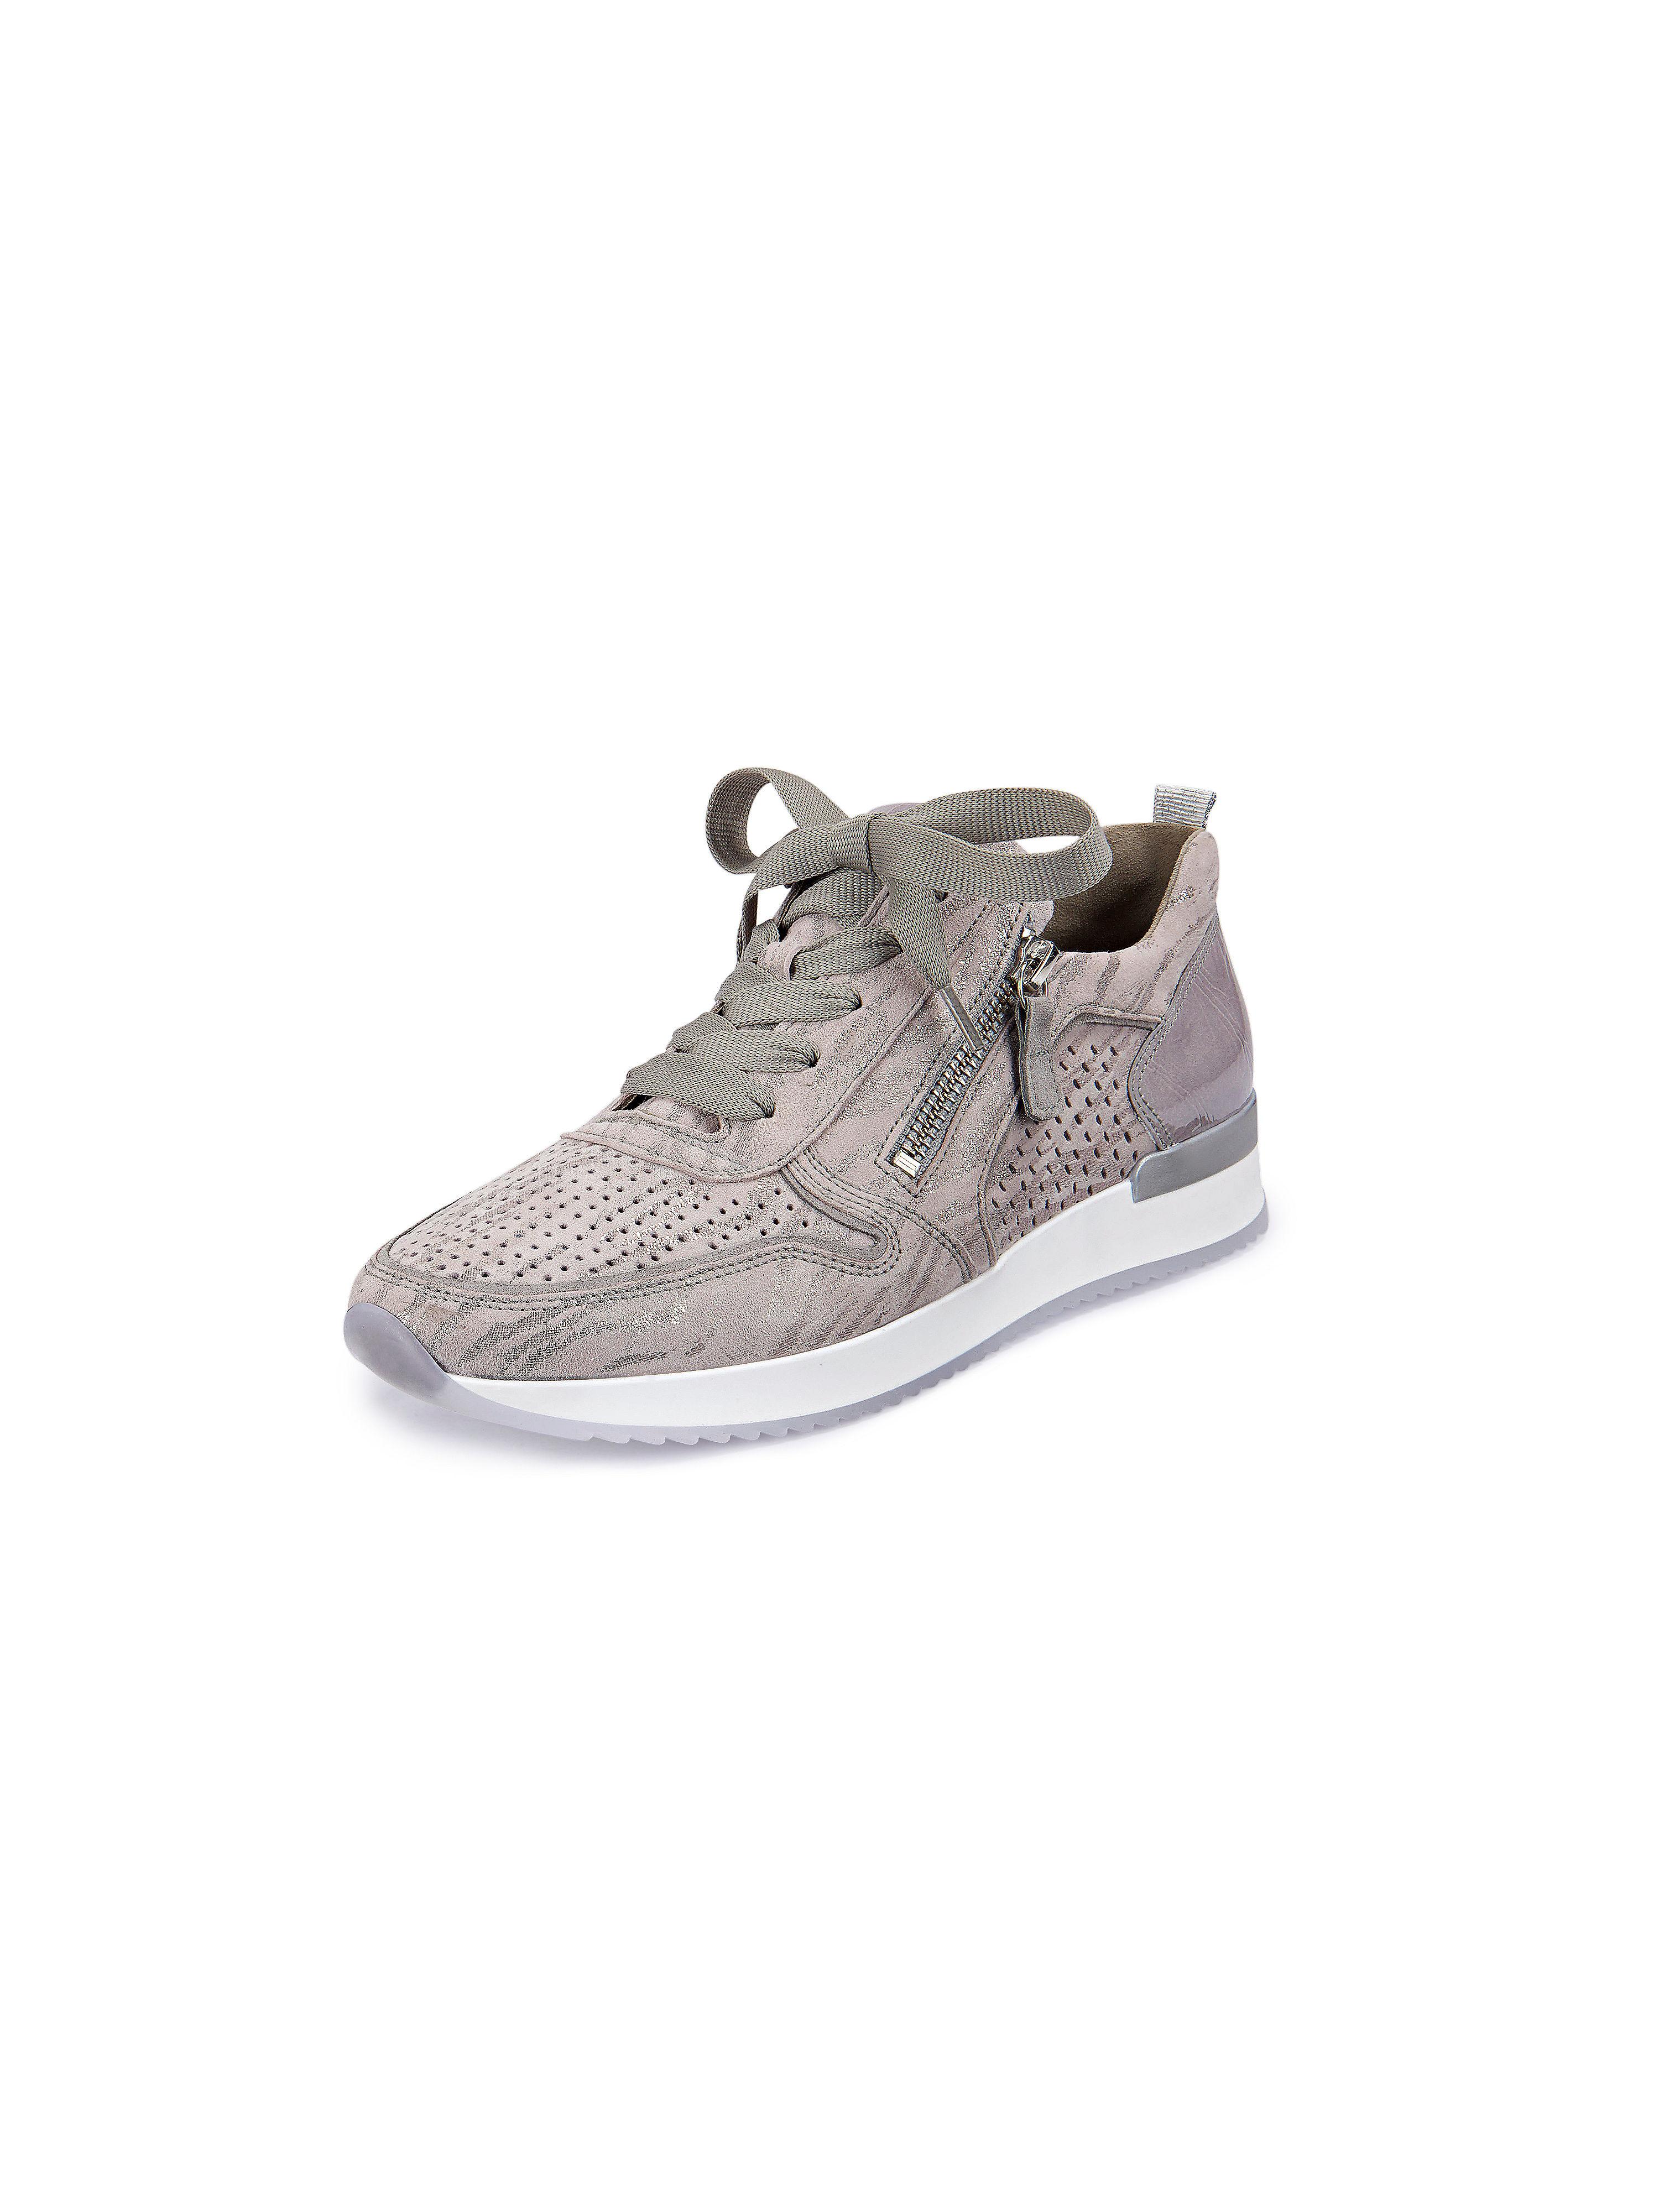 buy popular 71fff 25b44 Schuhe online günstig kaufen über shop24.at   shop24